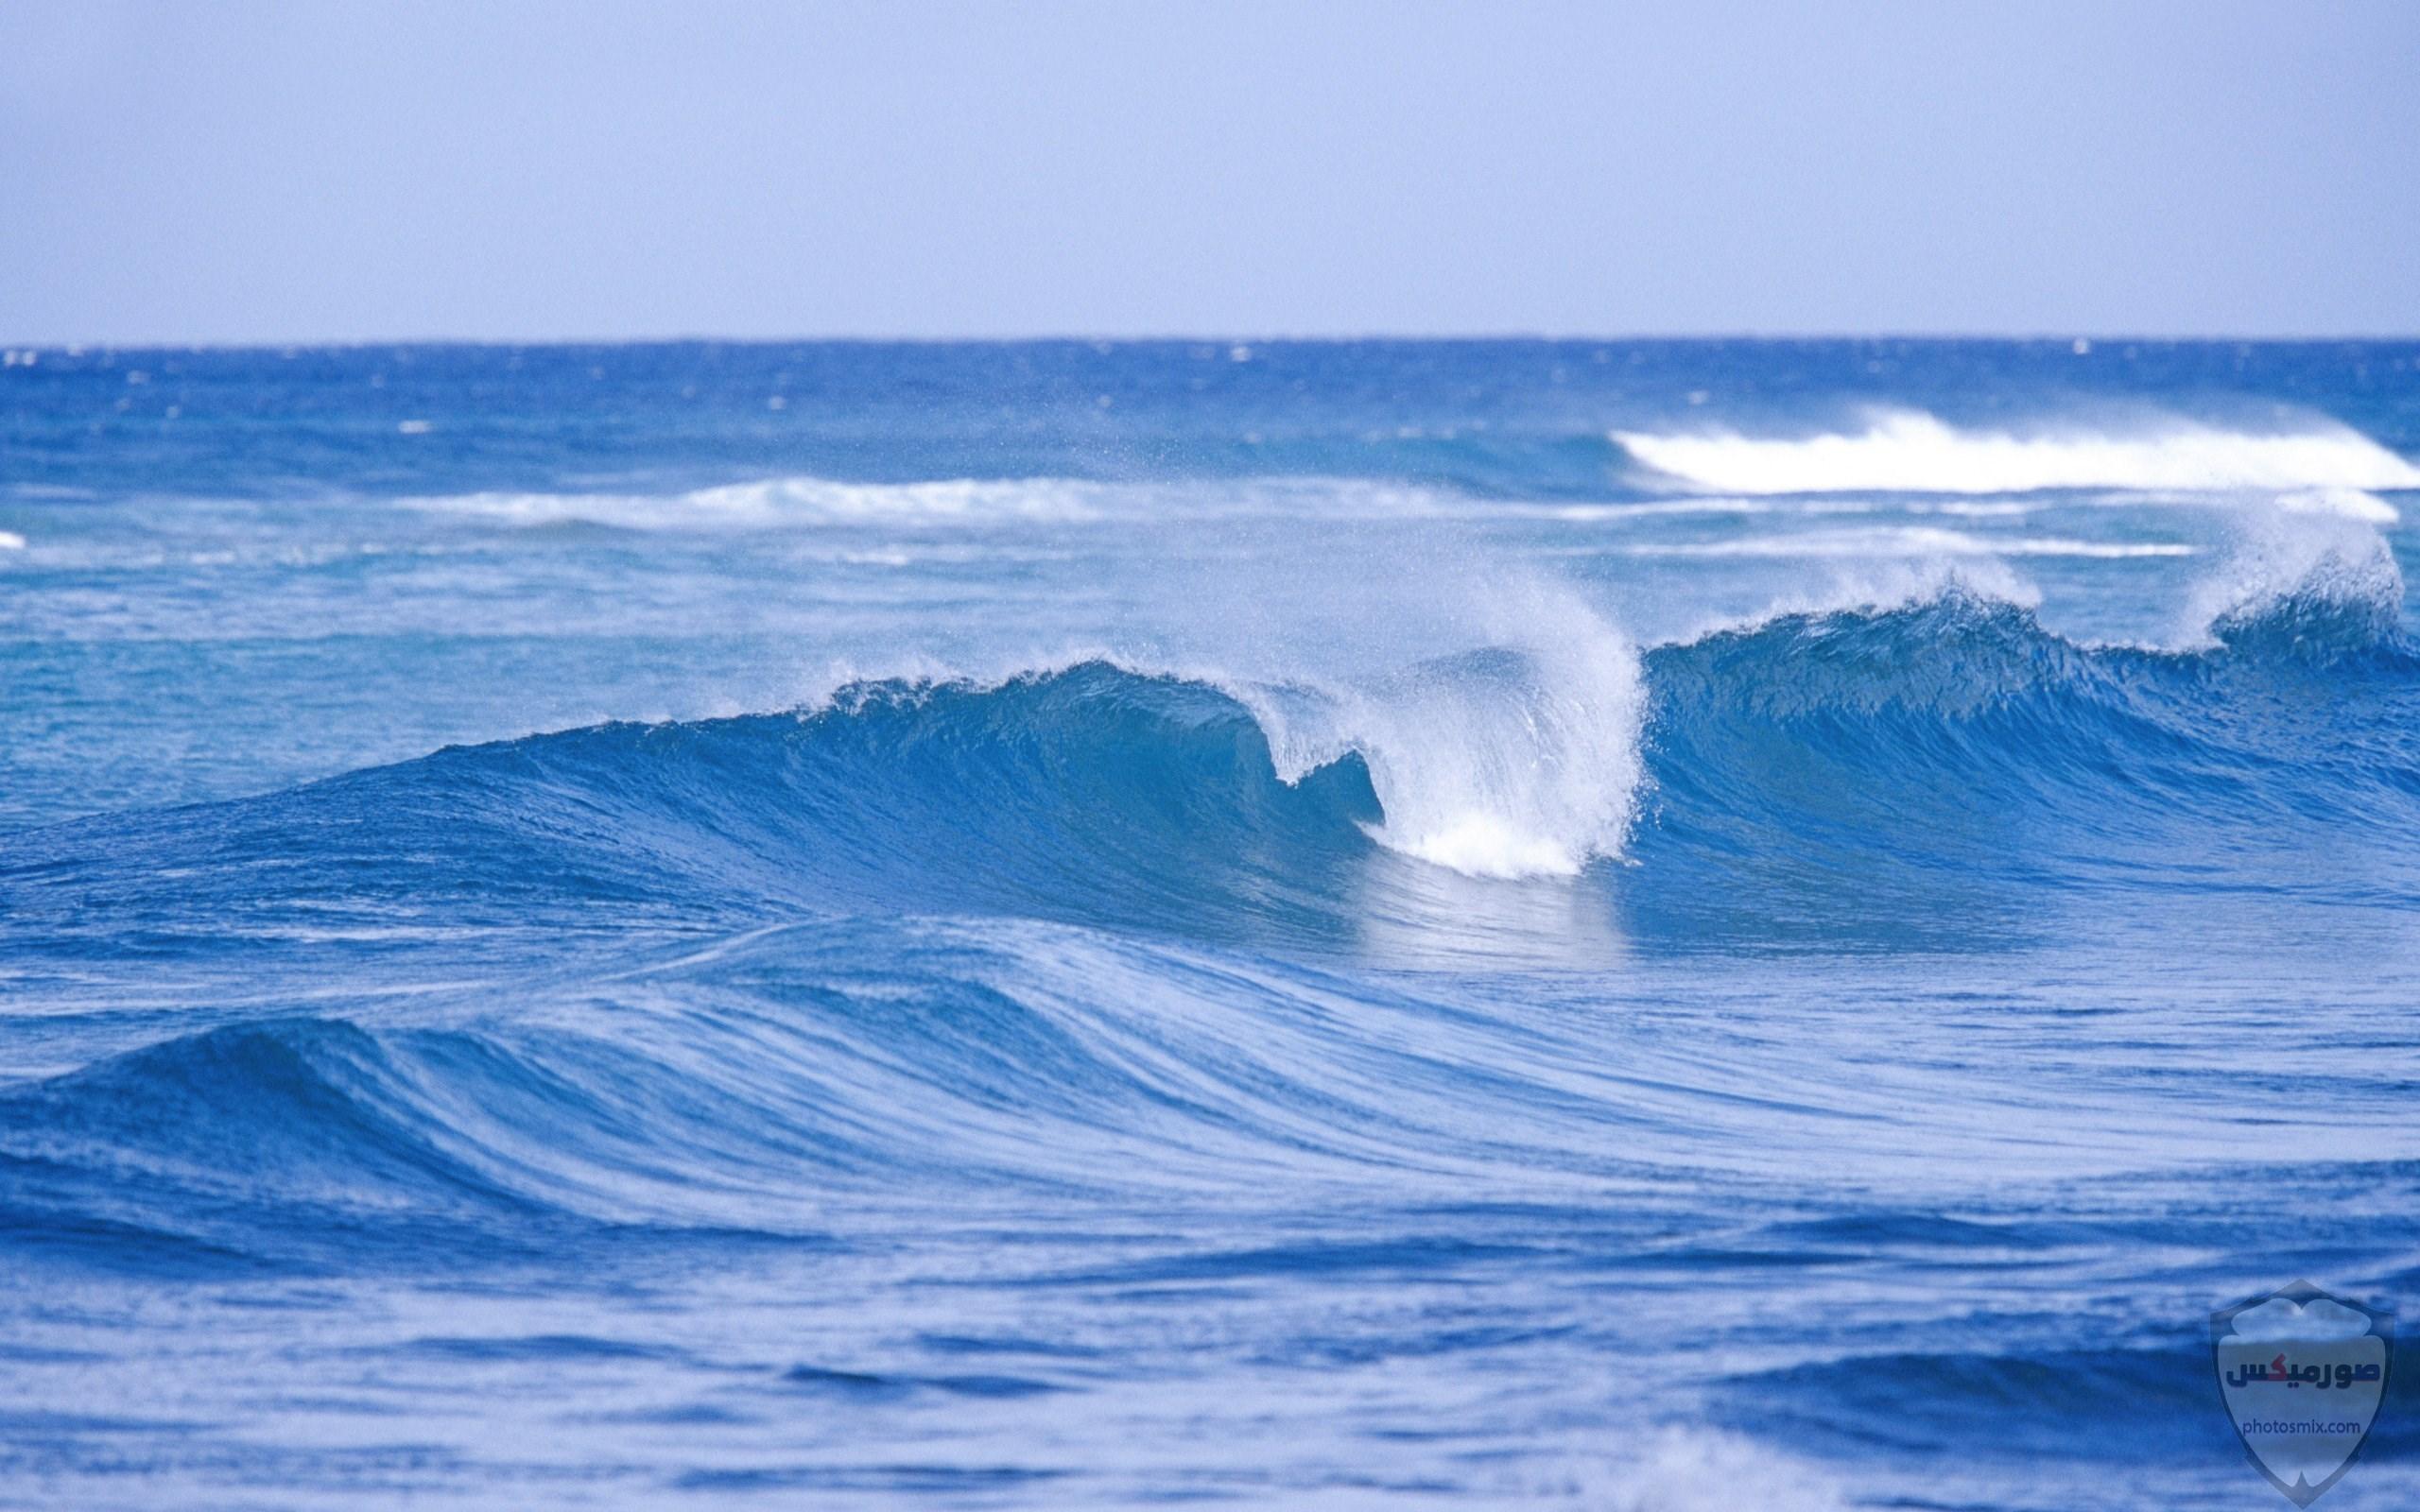 صور بحر وشاطئ صور وخلفيات بحور وشواطئ جميلة اجمل خلفيات بحار جودة عالية 28